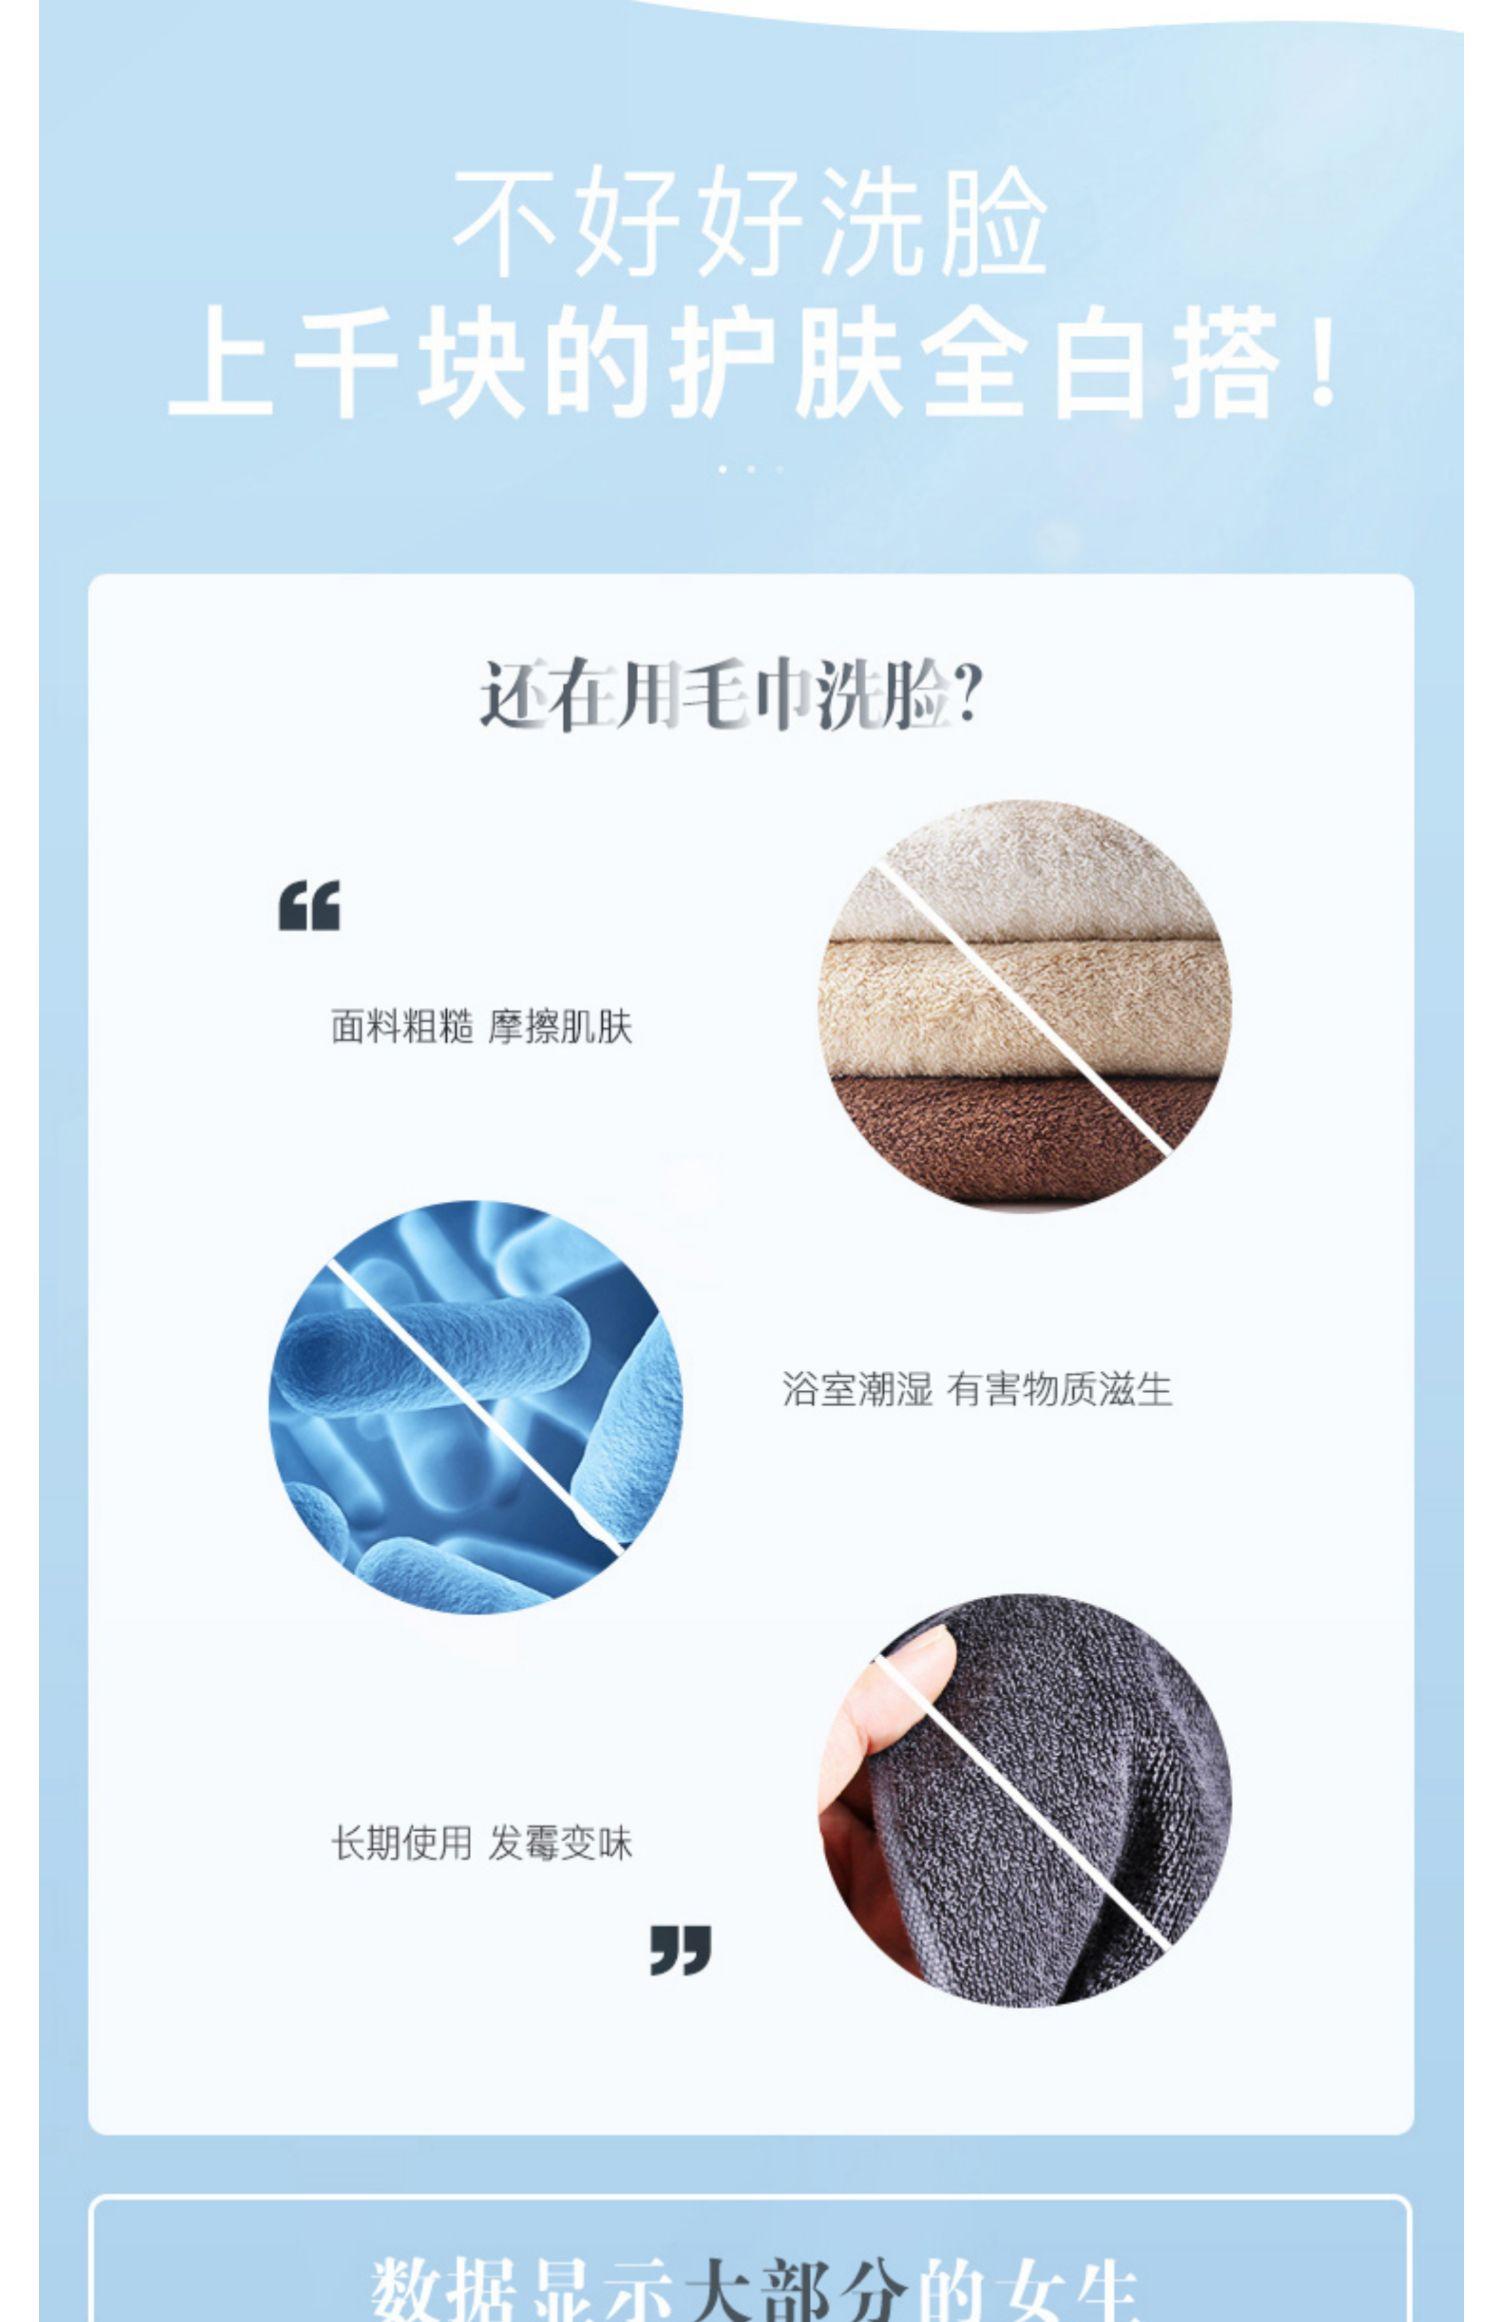 【艾特柔】一次性洁面洗脸巾加厚3大卷9